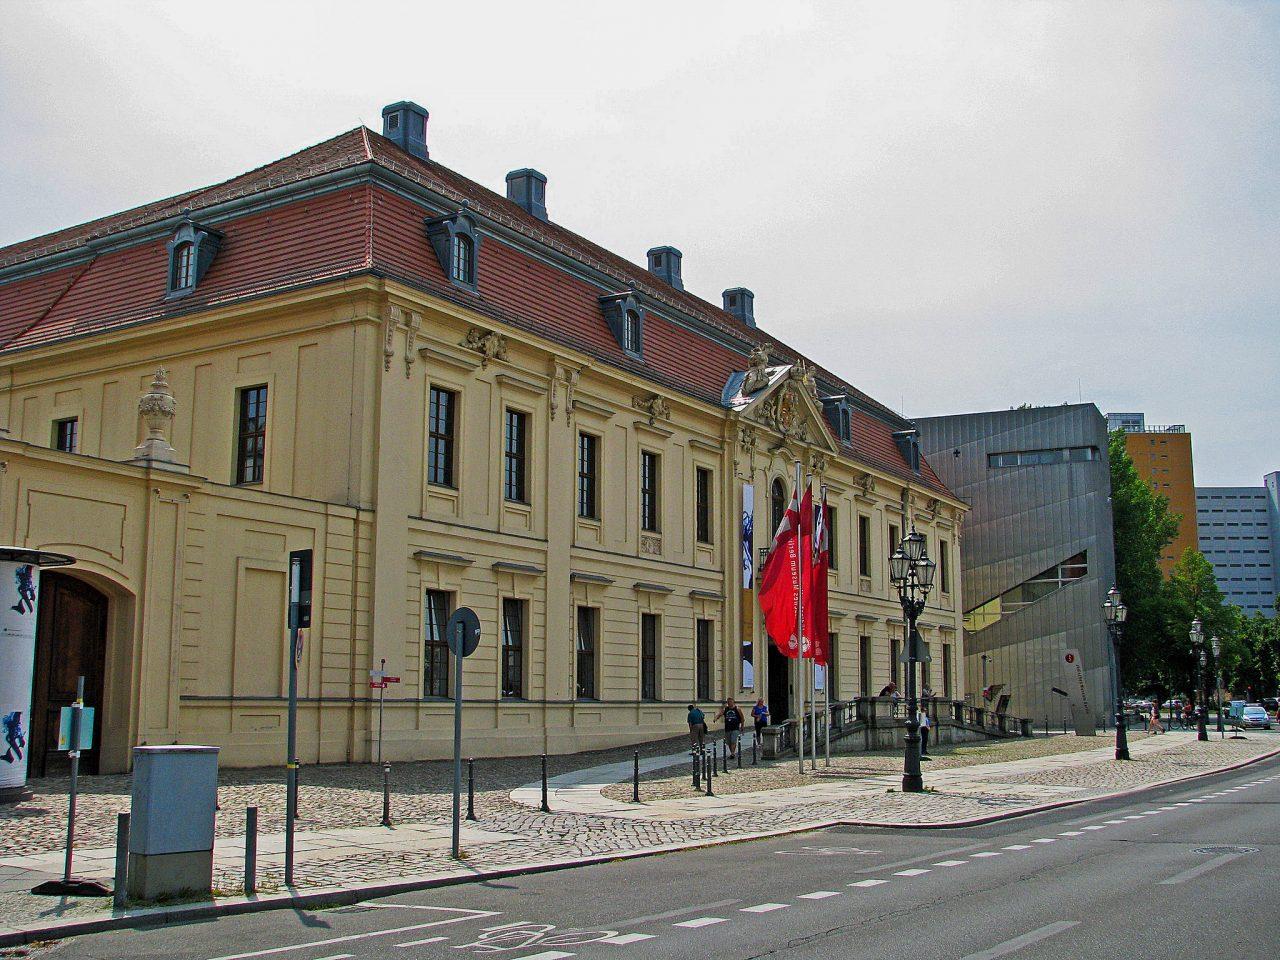 Еврейский Музей в Берлине (Jüdisches Museum Berlin)